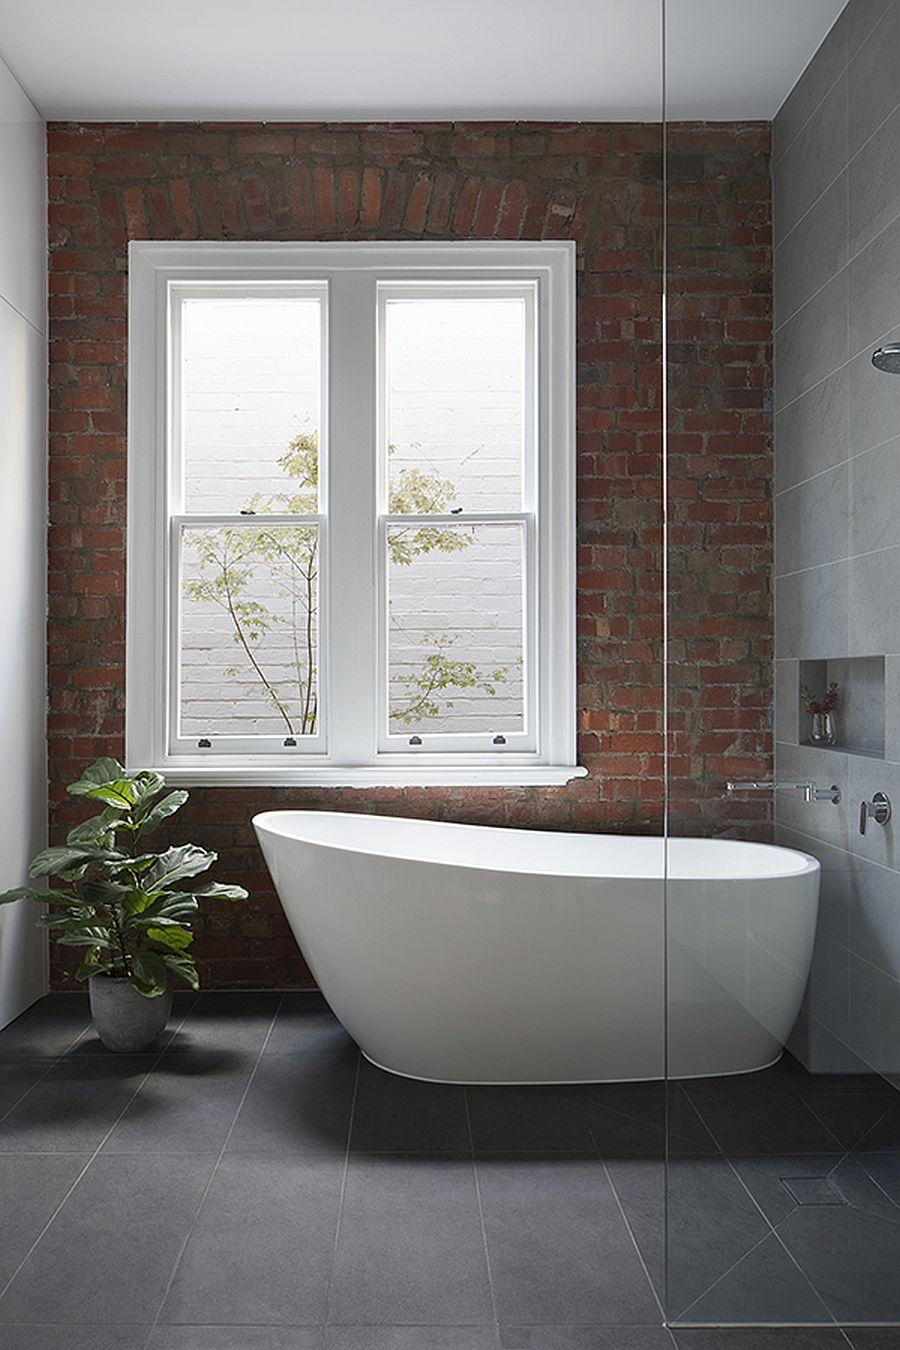 Modern brick wall bathroom with standalone bathtub